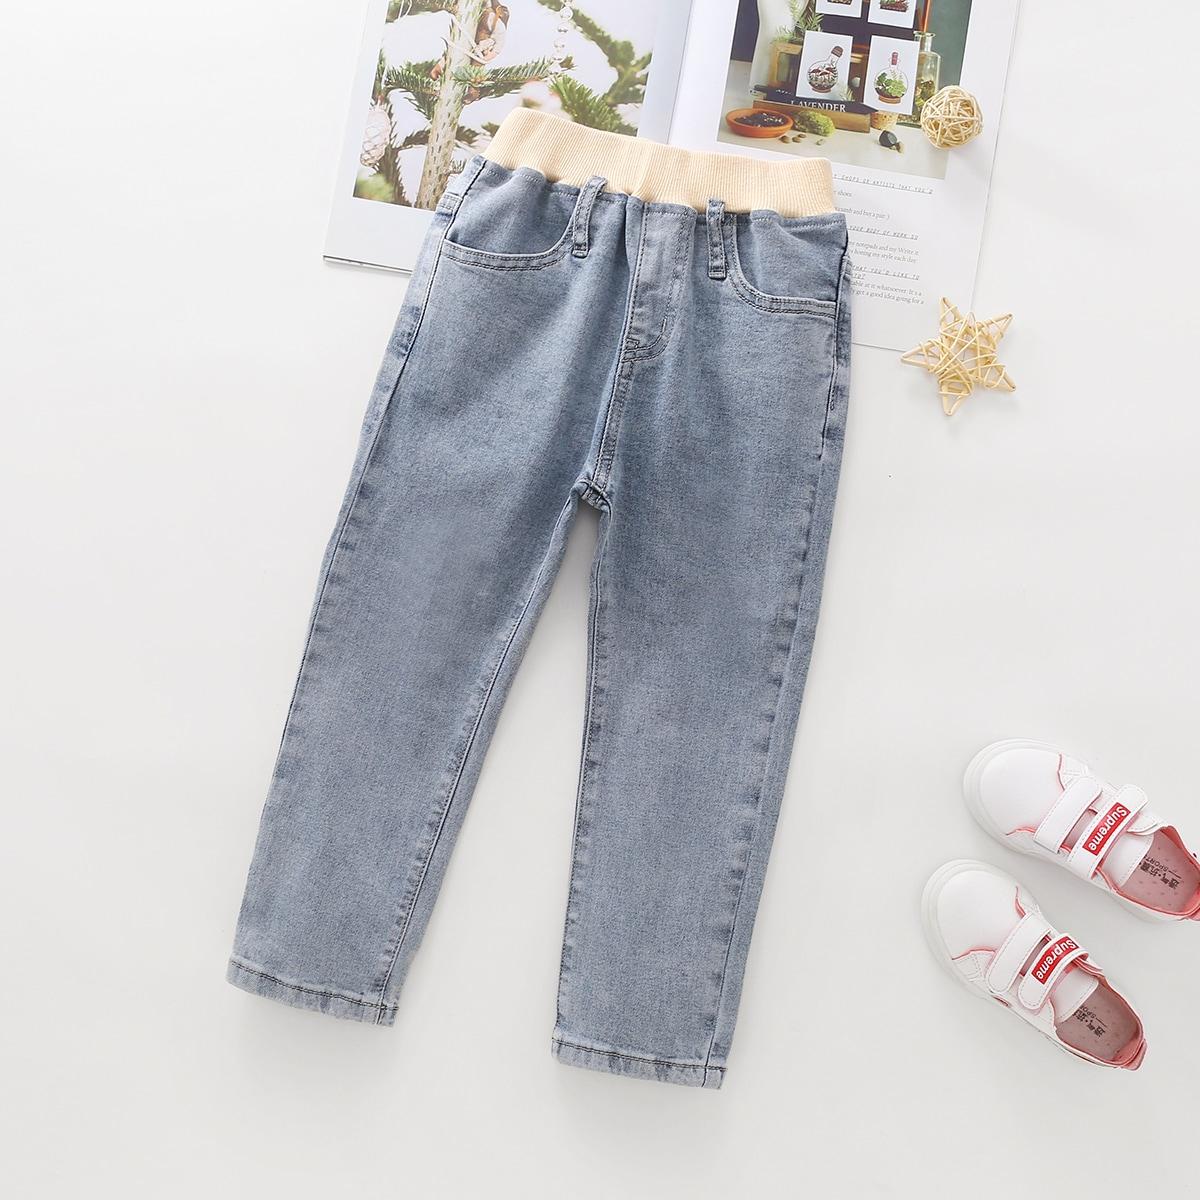 Контрастный повседневный джинсы для девочек